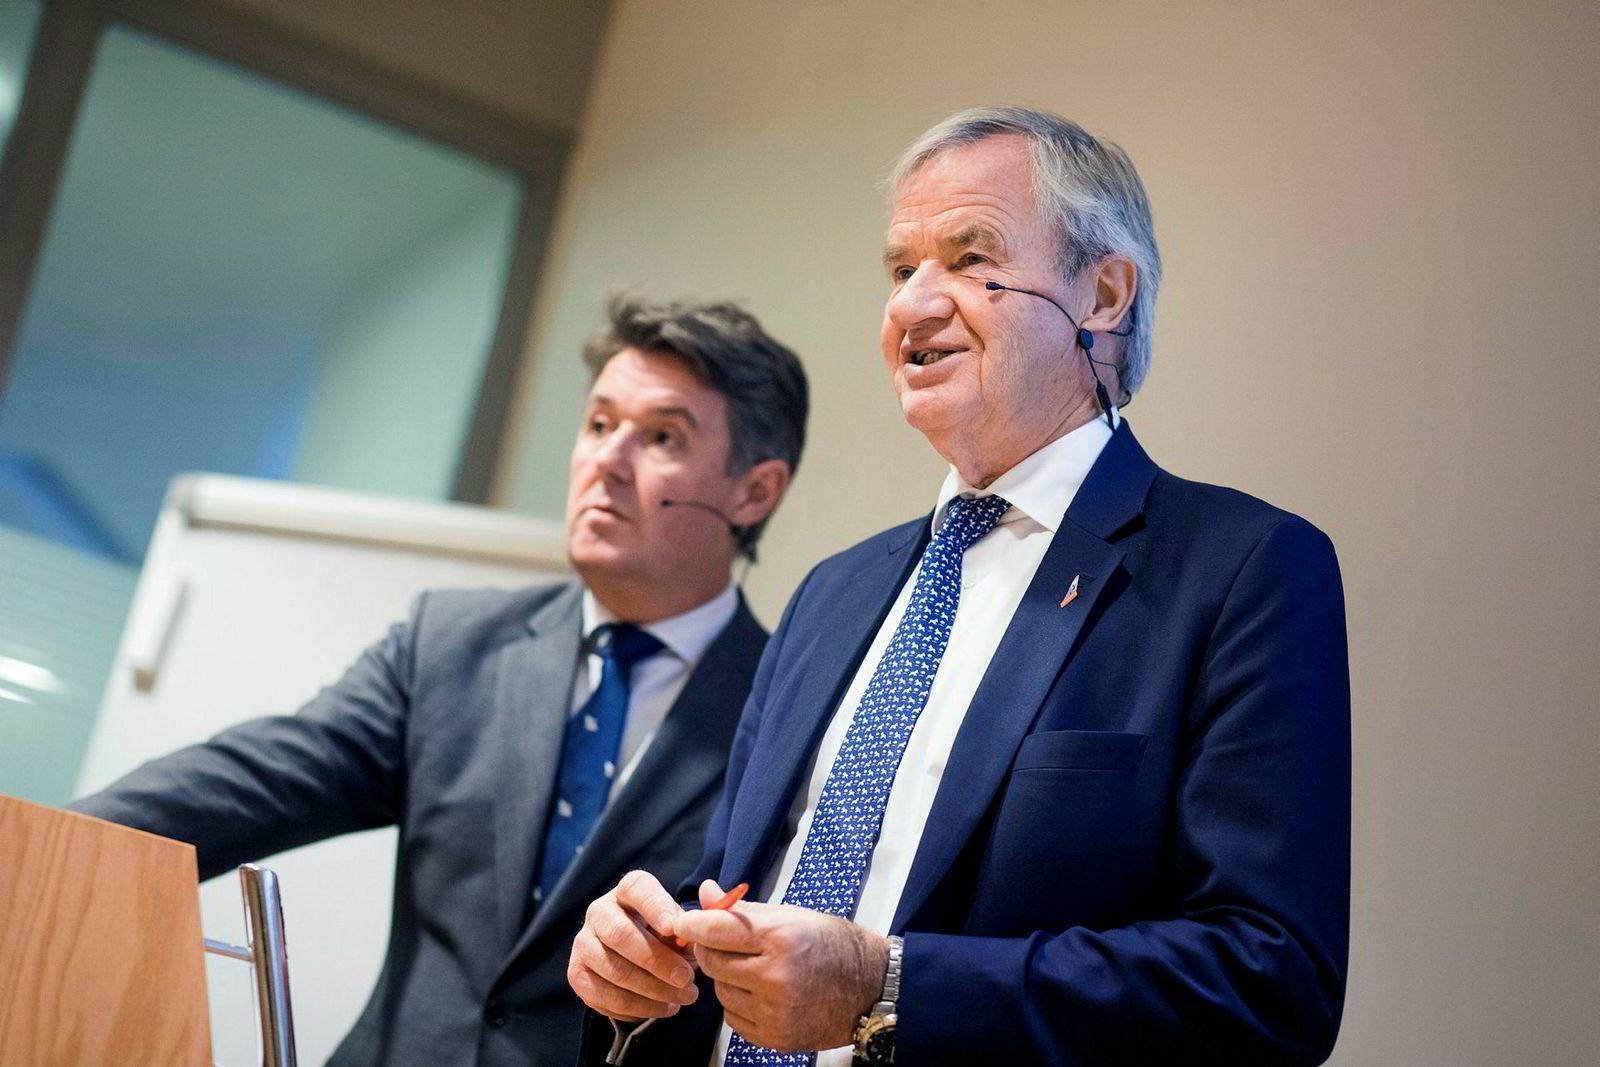 Finansdirektør Geir Karlsen (fra venstre) og toppsjef Bjørn Kjos.